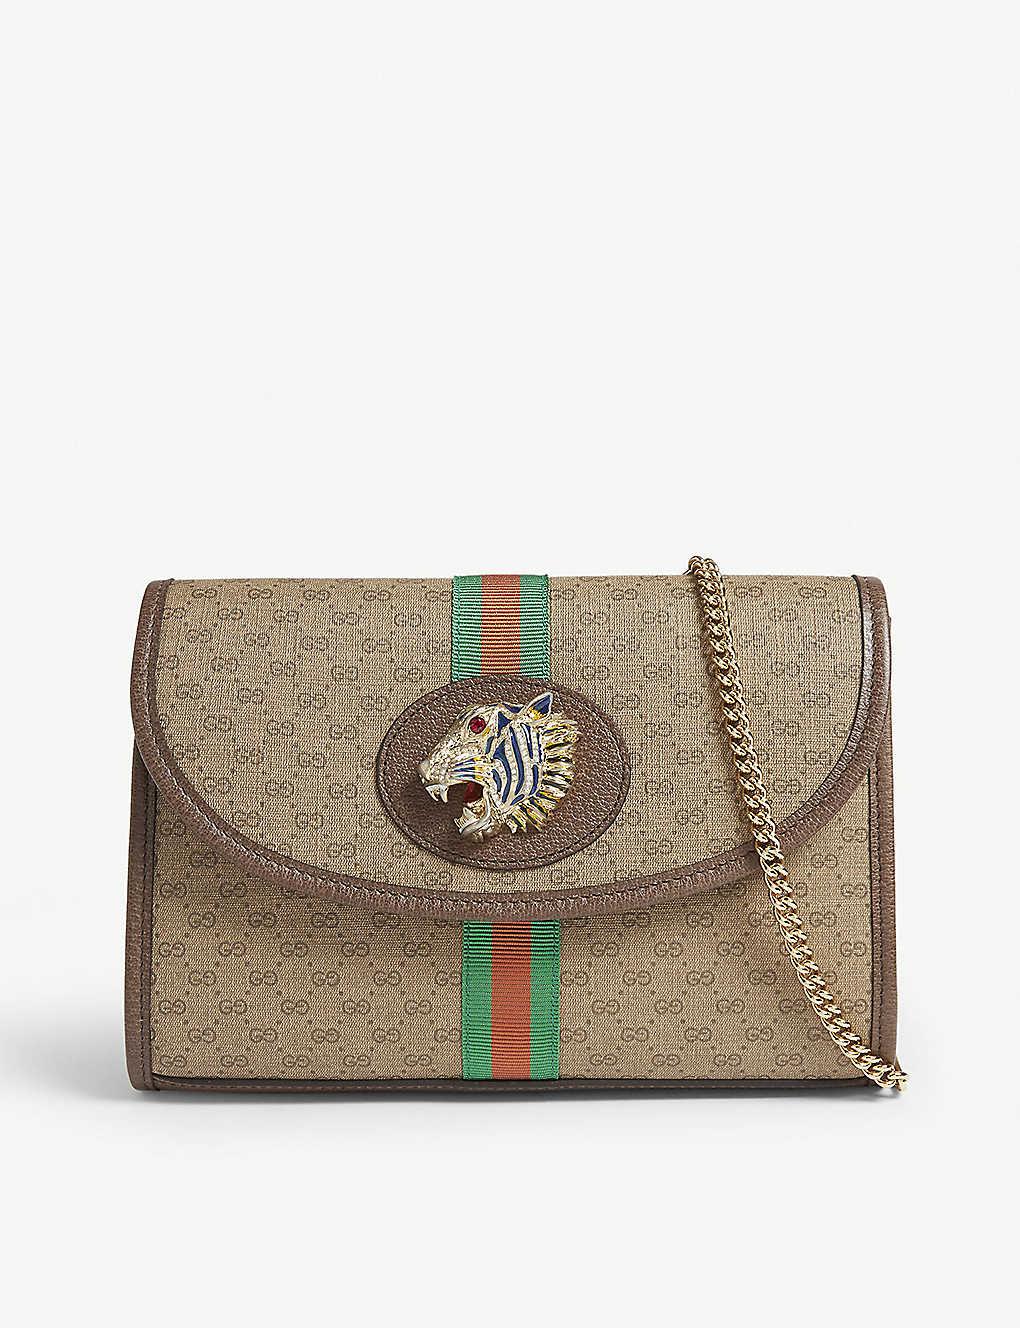 c7aef1e0304462 GUCCI - Rajah GG shoulder bag | Selfridges.com